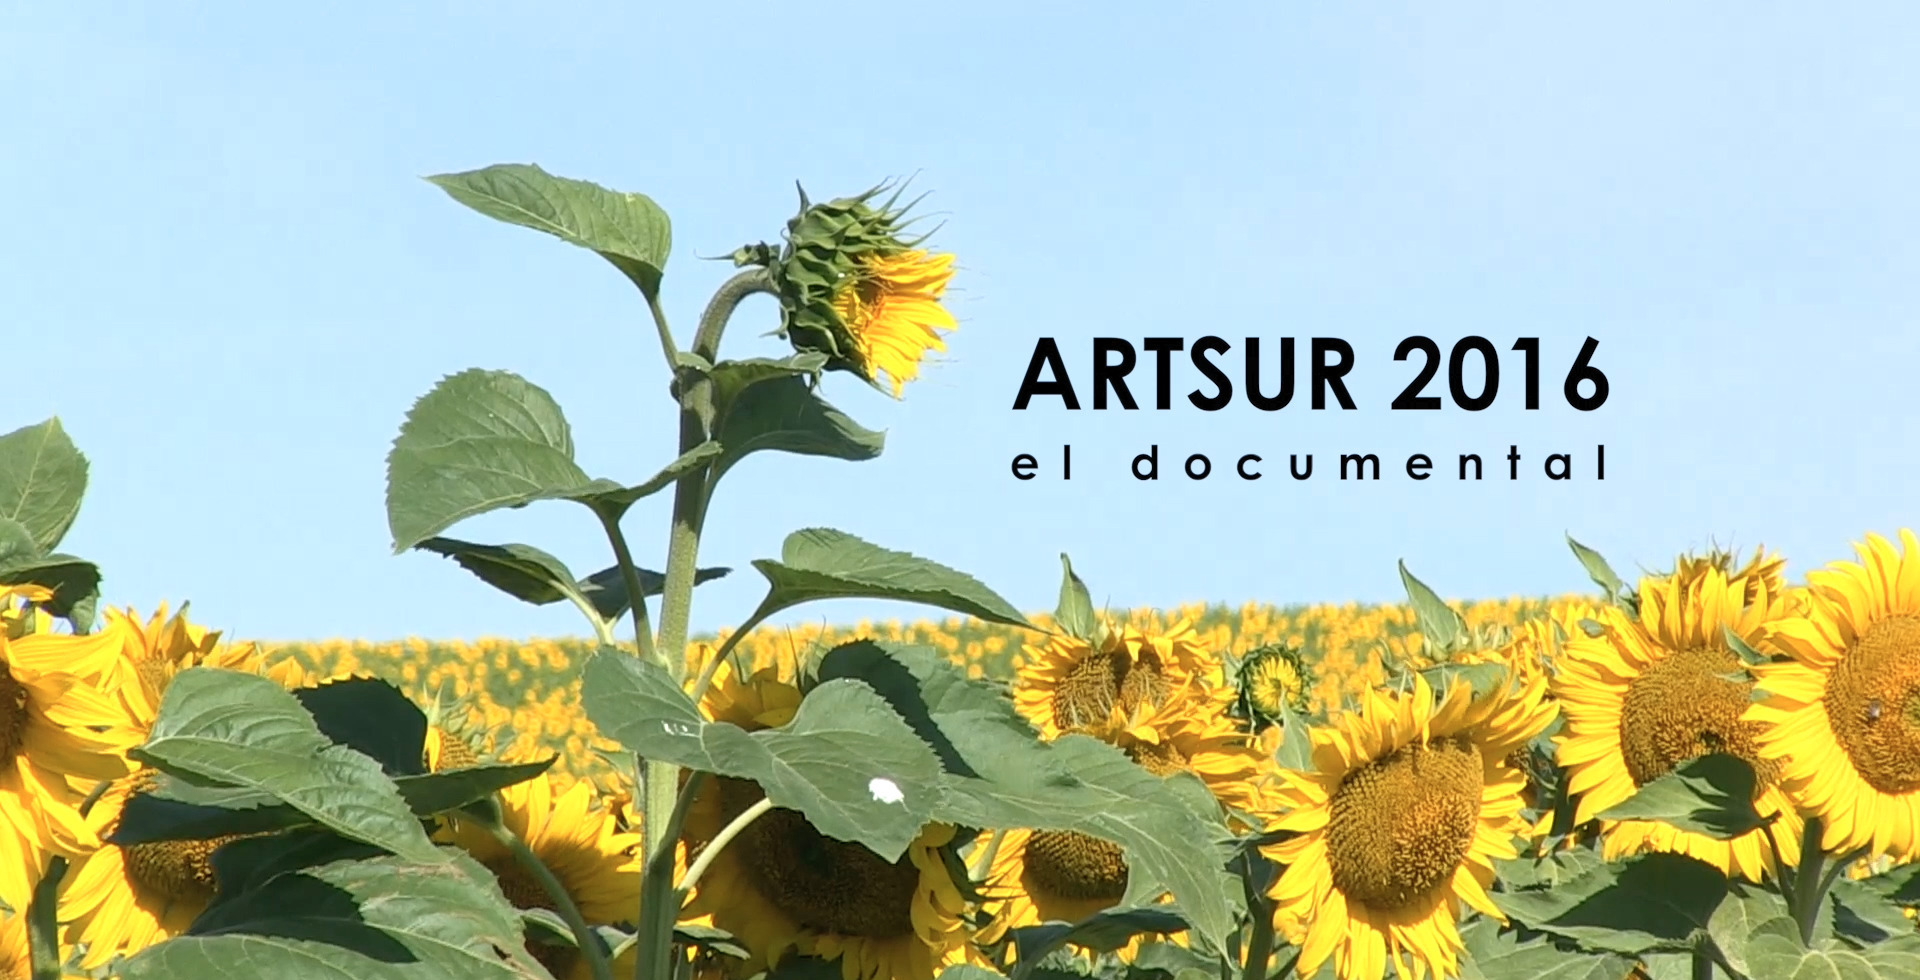 imagen del documental ArtSur'16